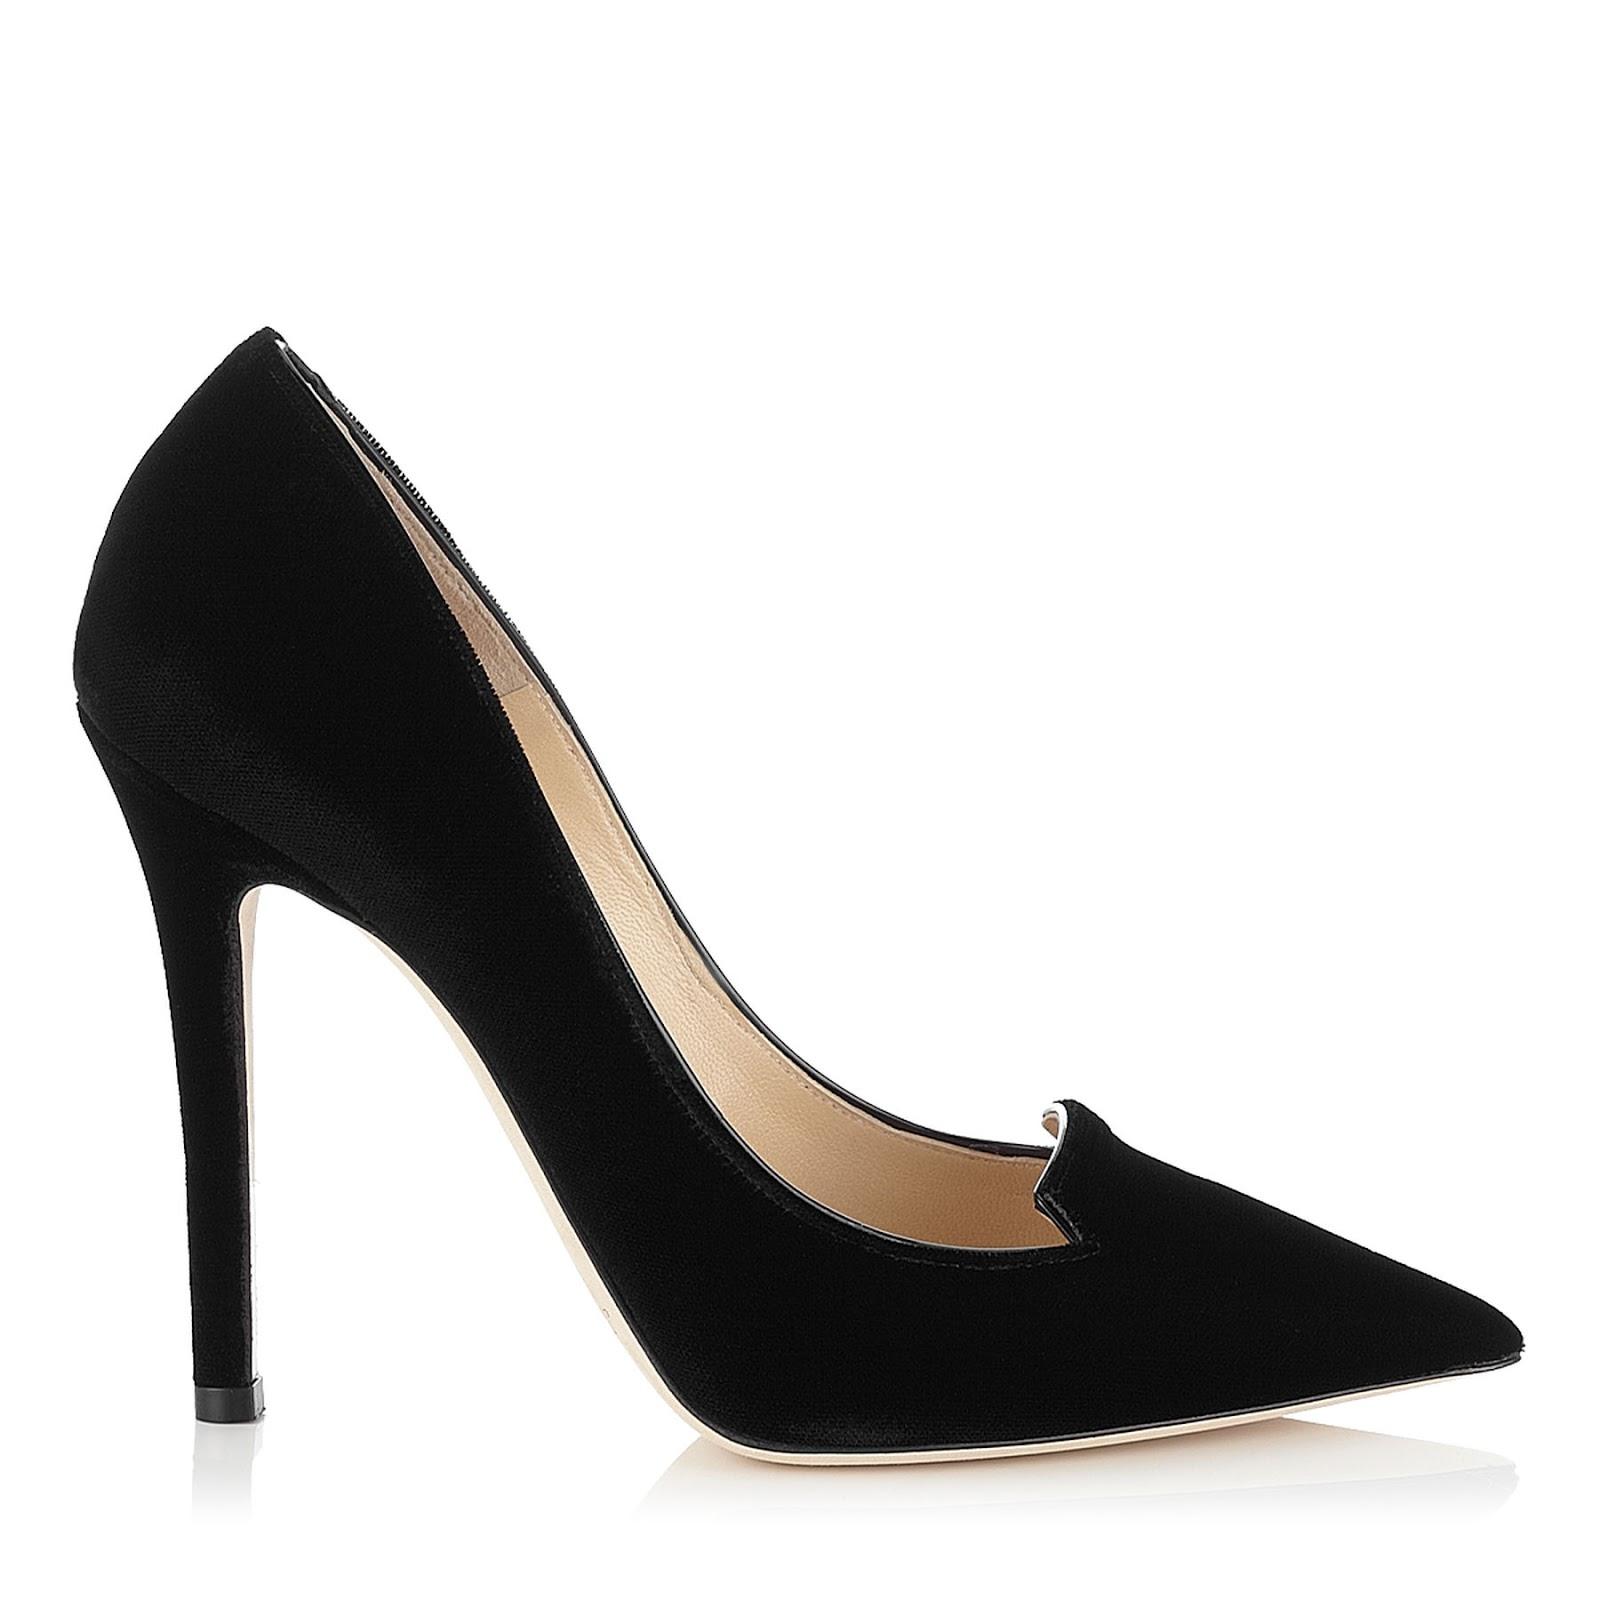 b2a2823c88d JIMMY CHOO ARI BLACK SUEDE - Reed Fashion Blog